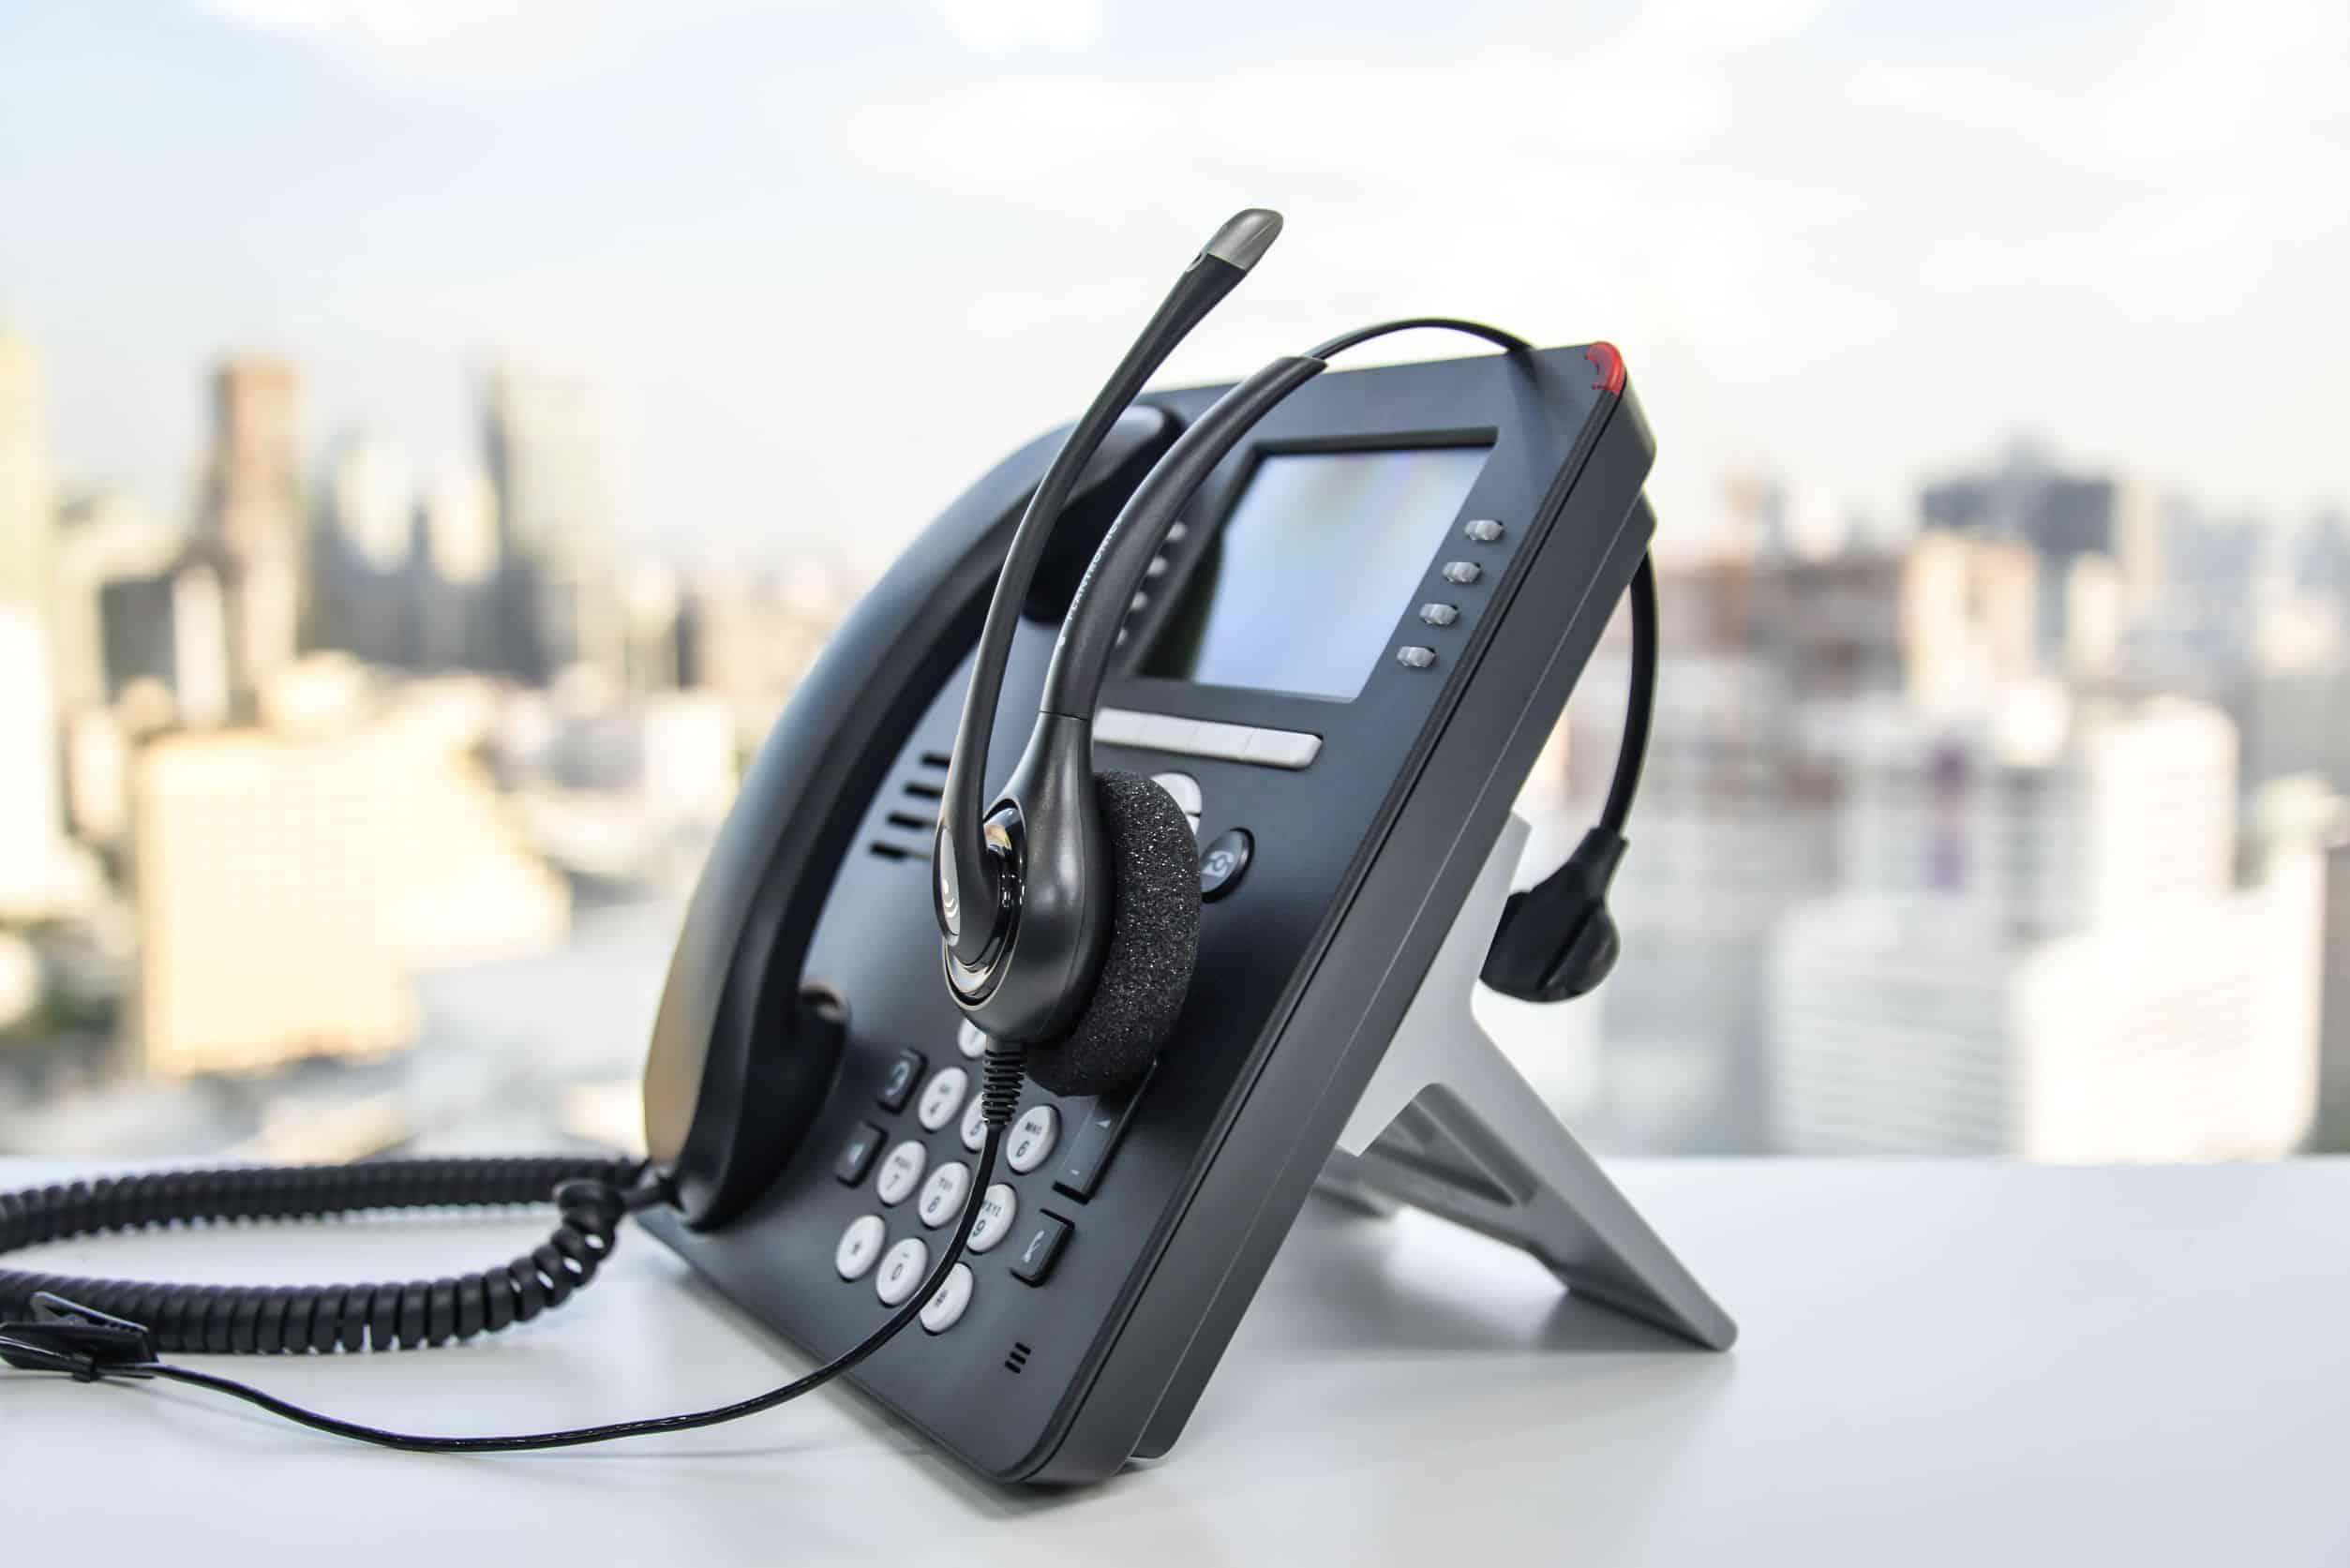 Na foto um telefone IP em cima de uma mesa com uma cidade ao fundo.